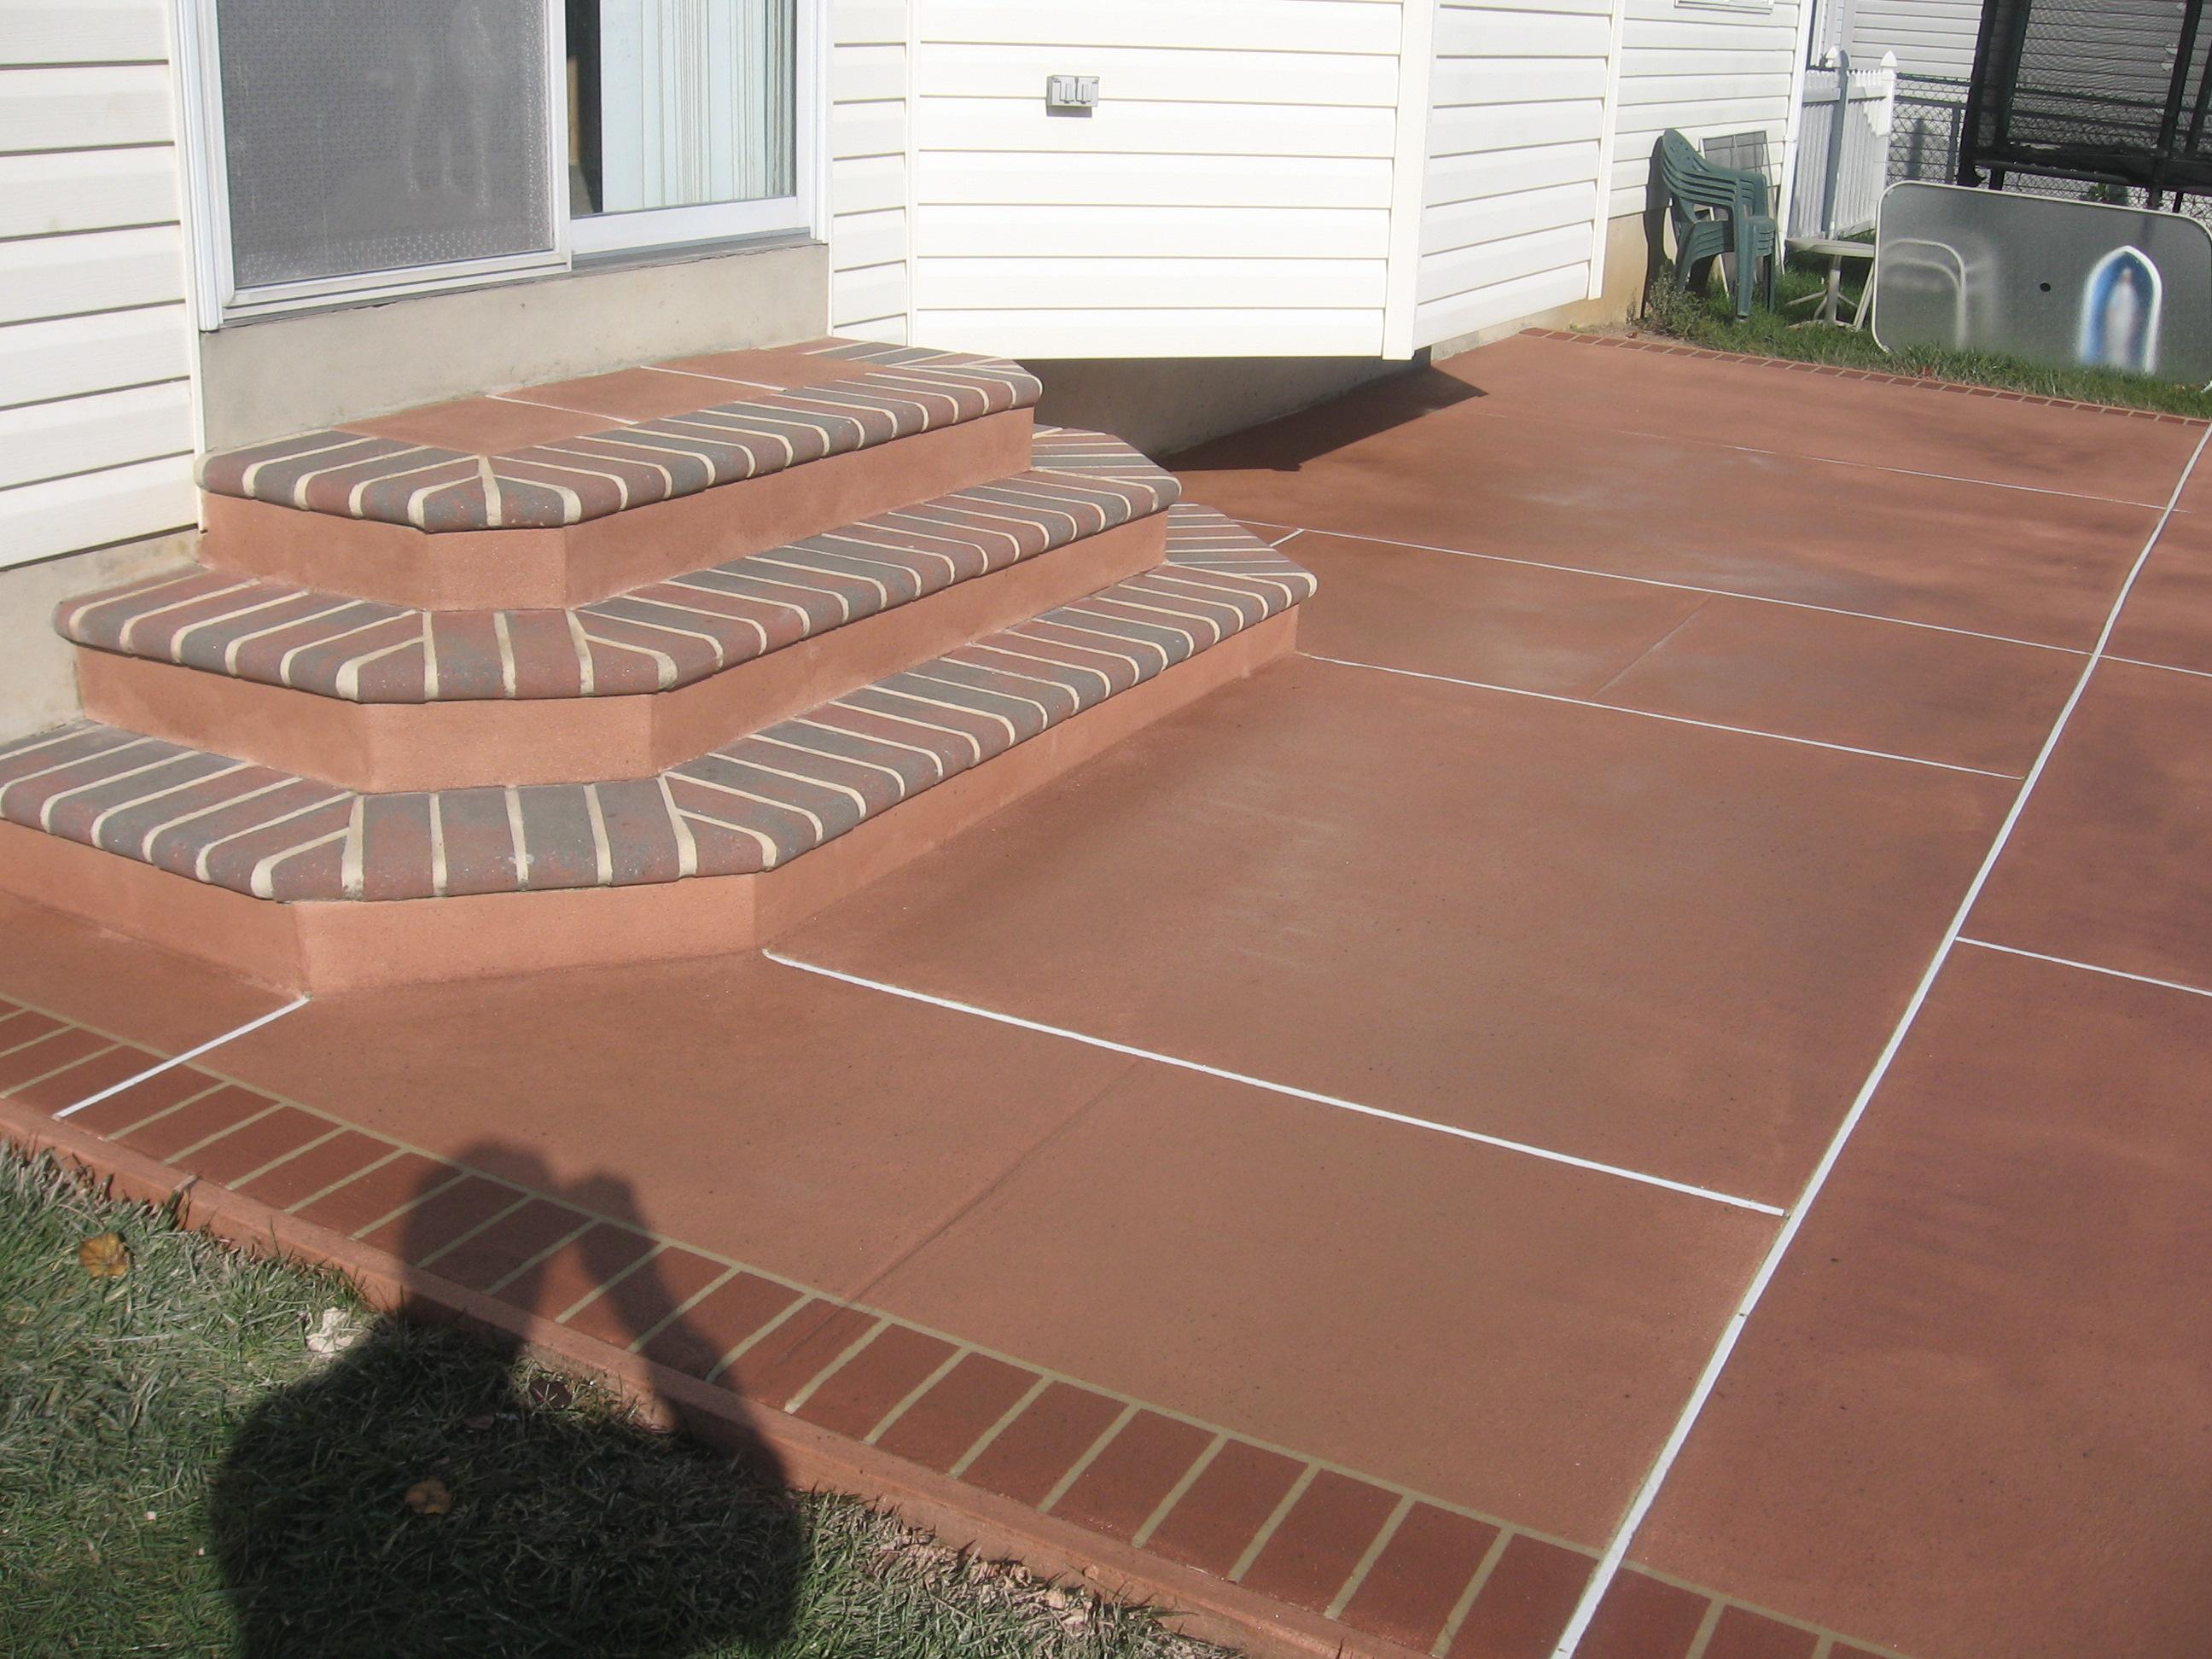 non slip patios with custom design